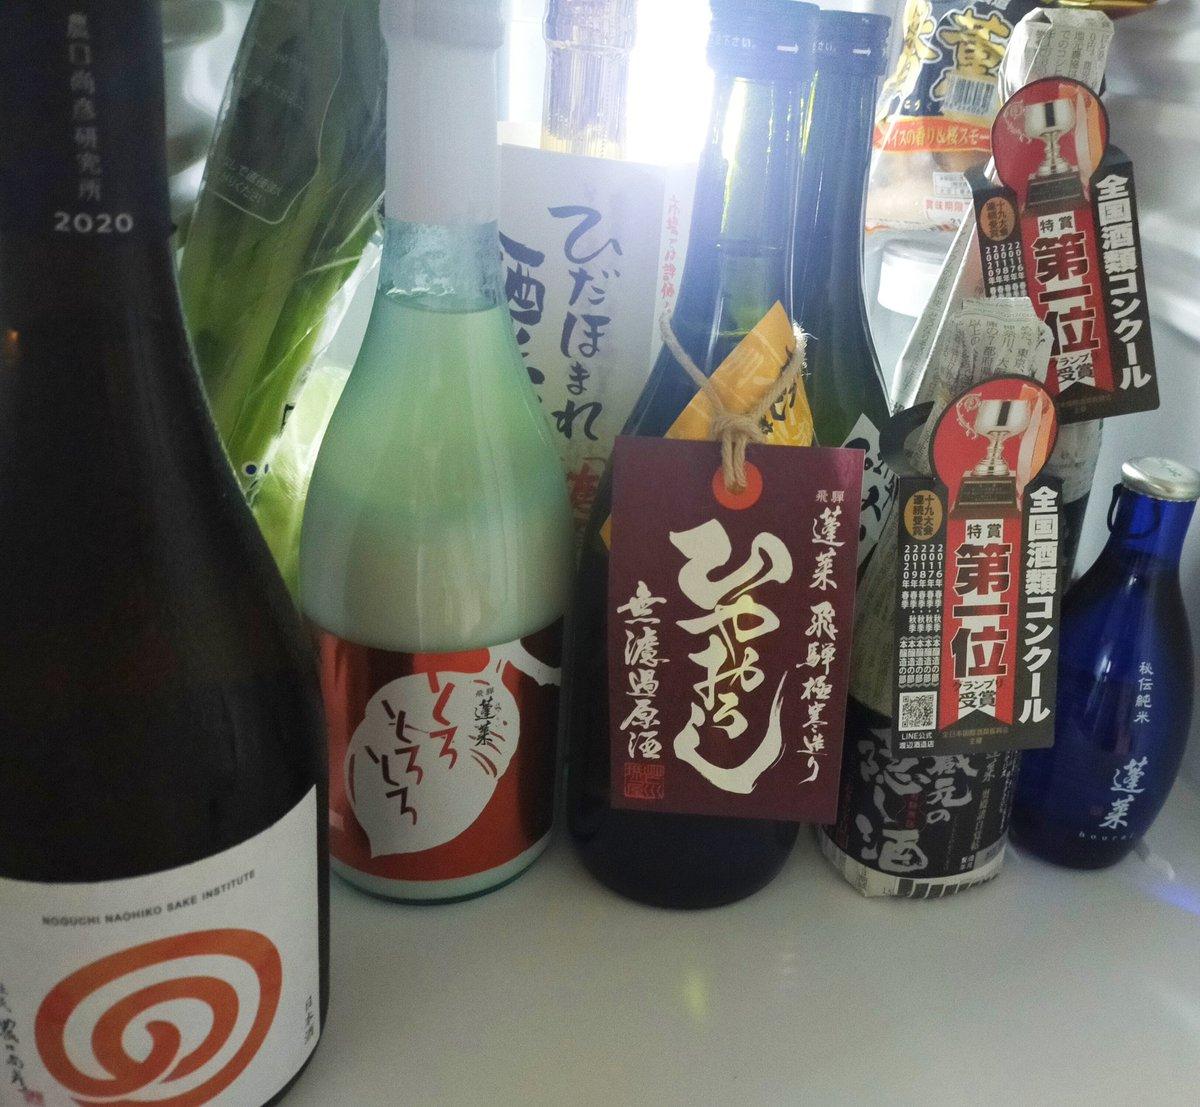 test ツイッターメディア - 冷蔵庫の中で集合写真。 さっき届いた岐阜高山の渡辺酒造のお酒でいっぱい。左手前にあるのは、農口尚彦研究所のひやおろし。 そろそろ千歳鶴の瑞祥も呑みたい。 https://t.co/hQ4yInfmma